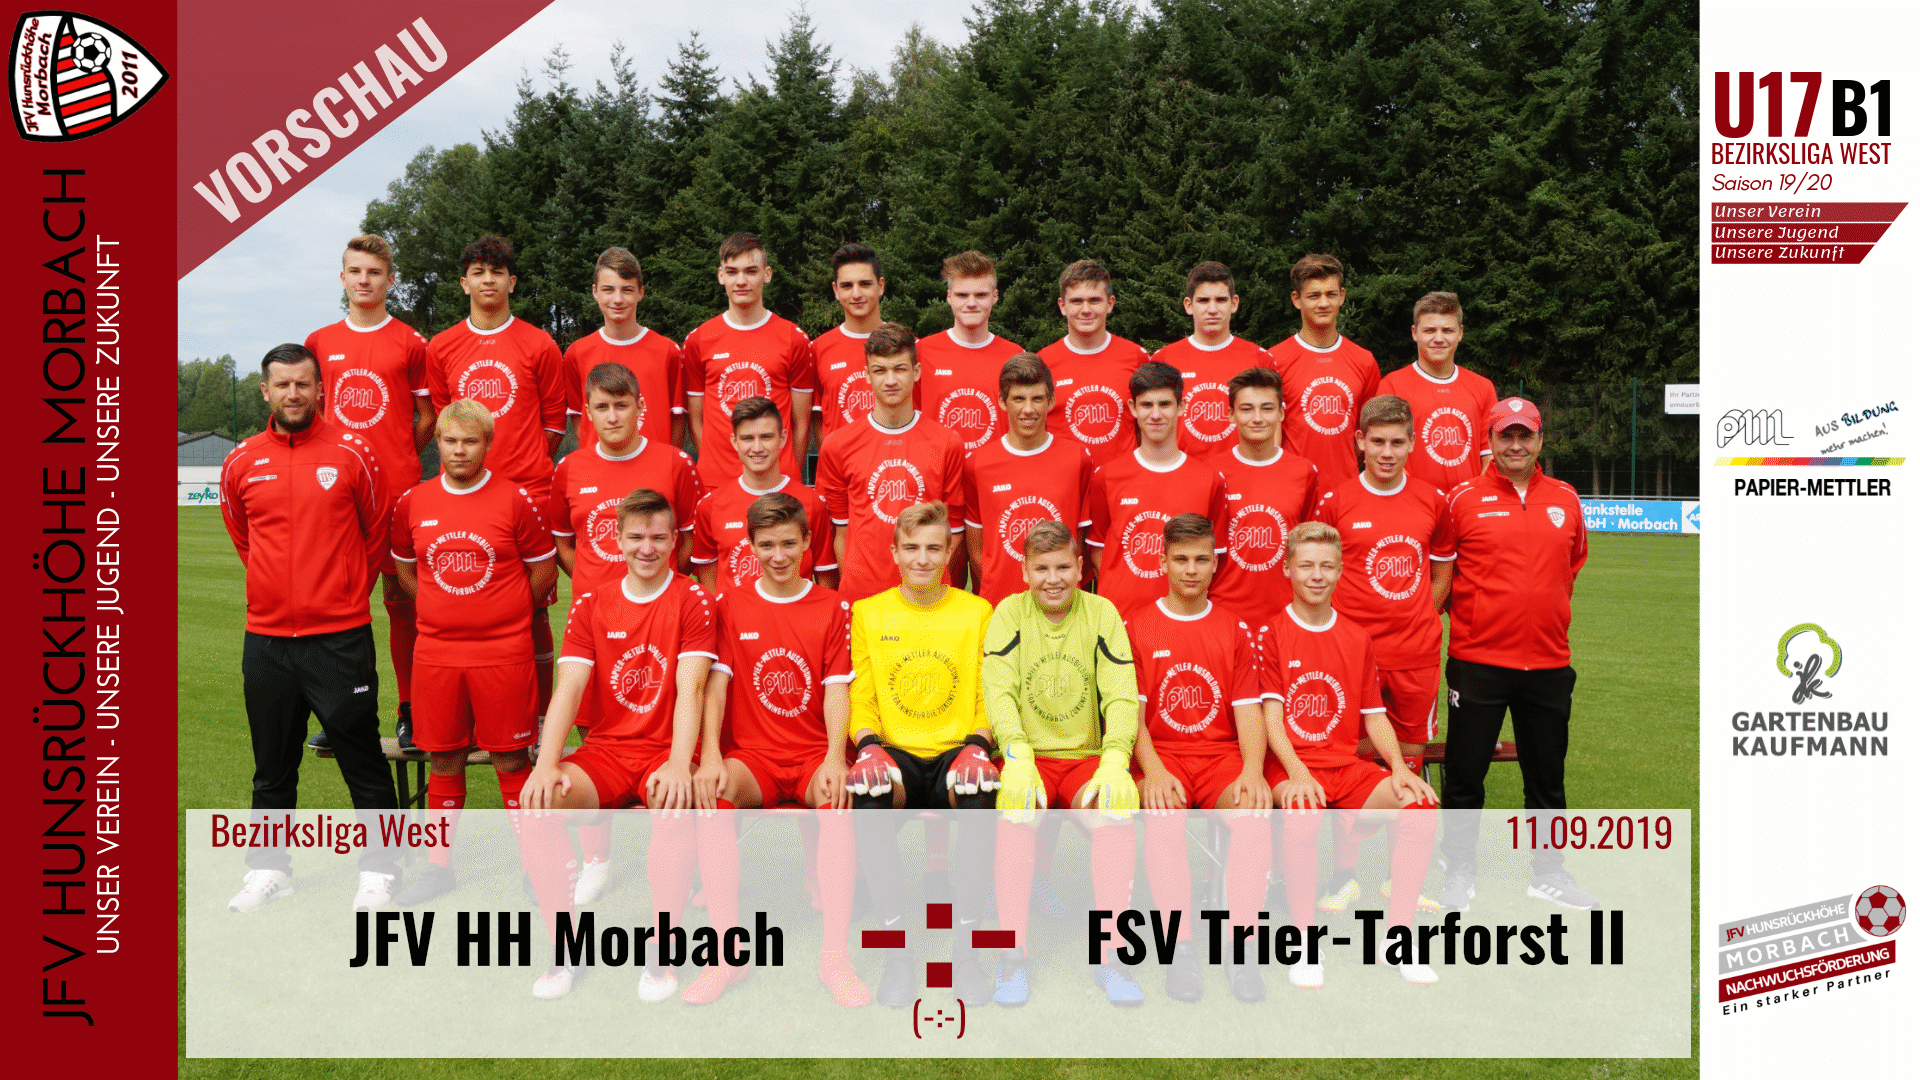 U17 B1: Vorbericht ~ JFV Hunsrückhöhe Morbach – FSV Trier Tarforst ~ Mi., 11.09.19 19:30 Uhr